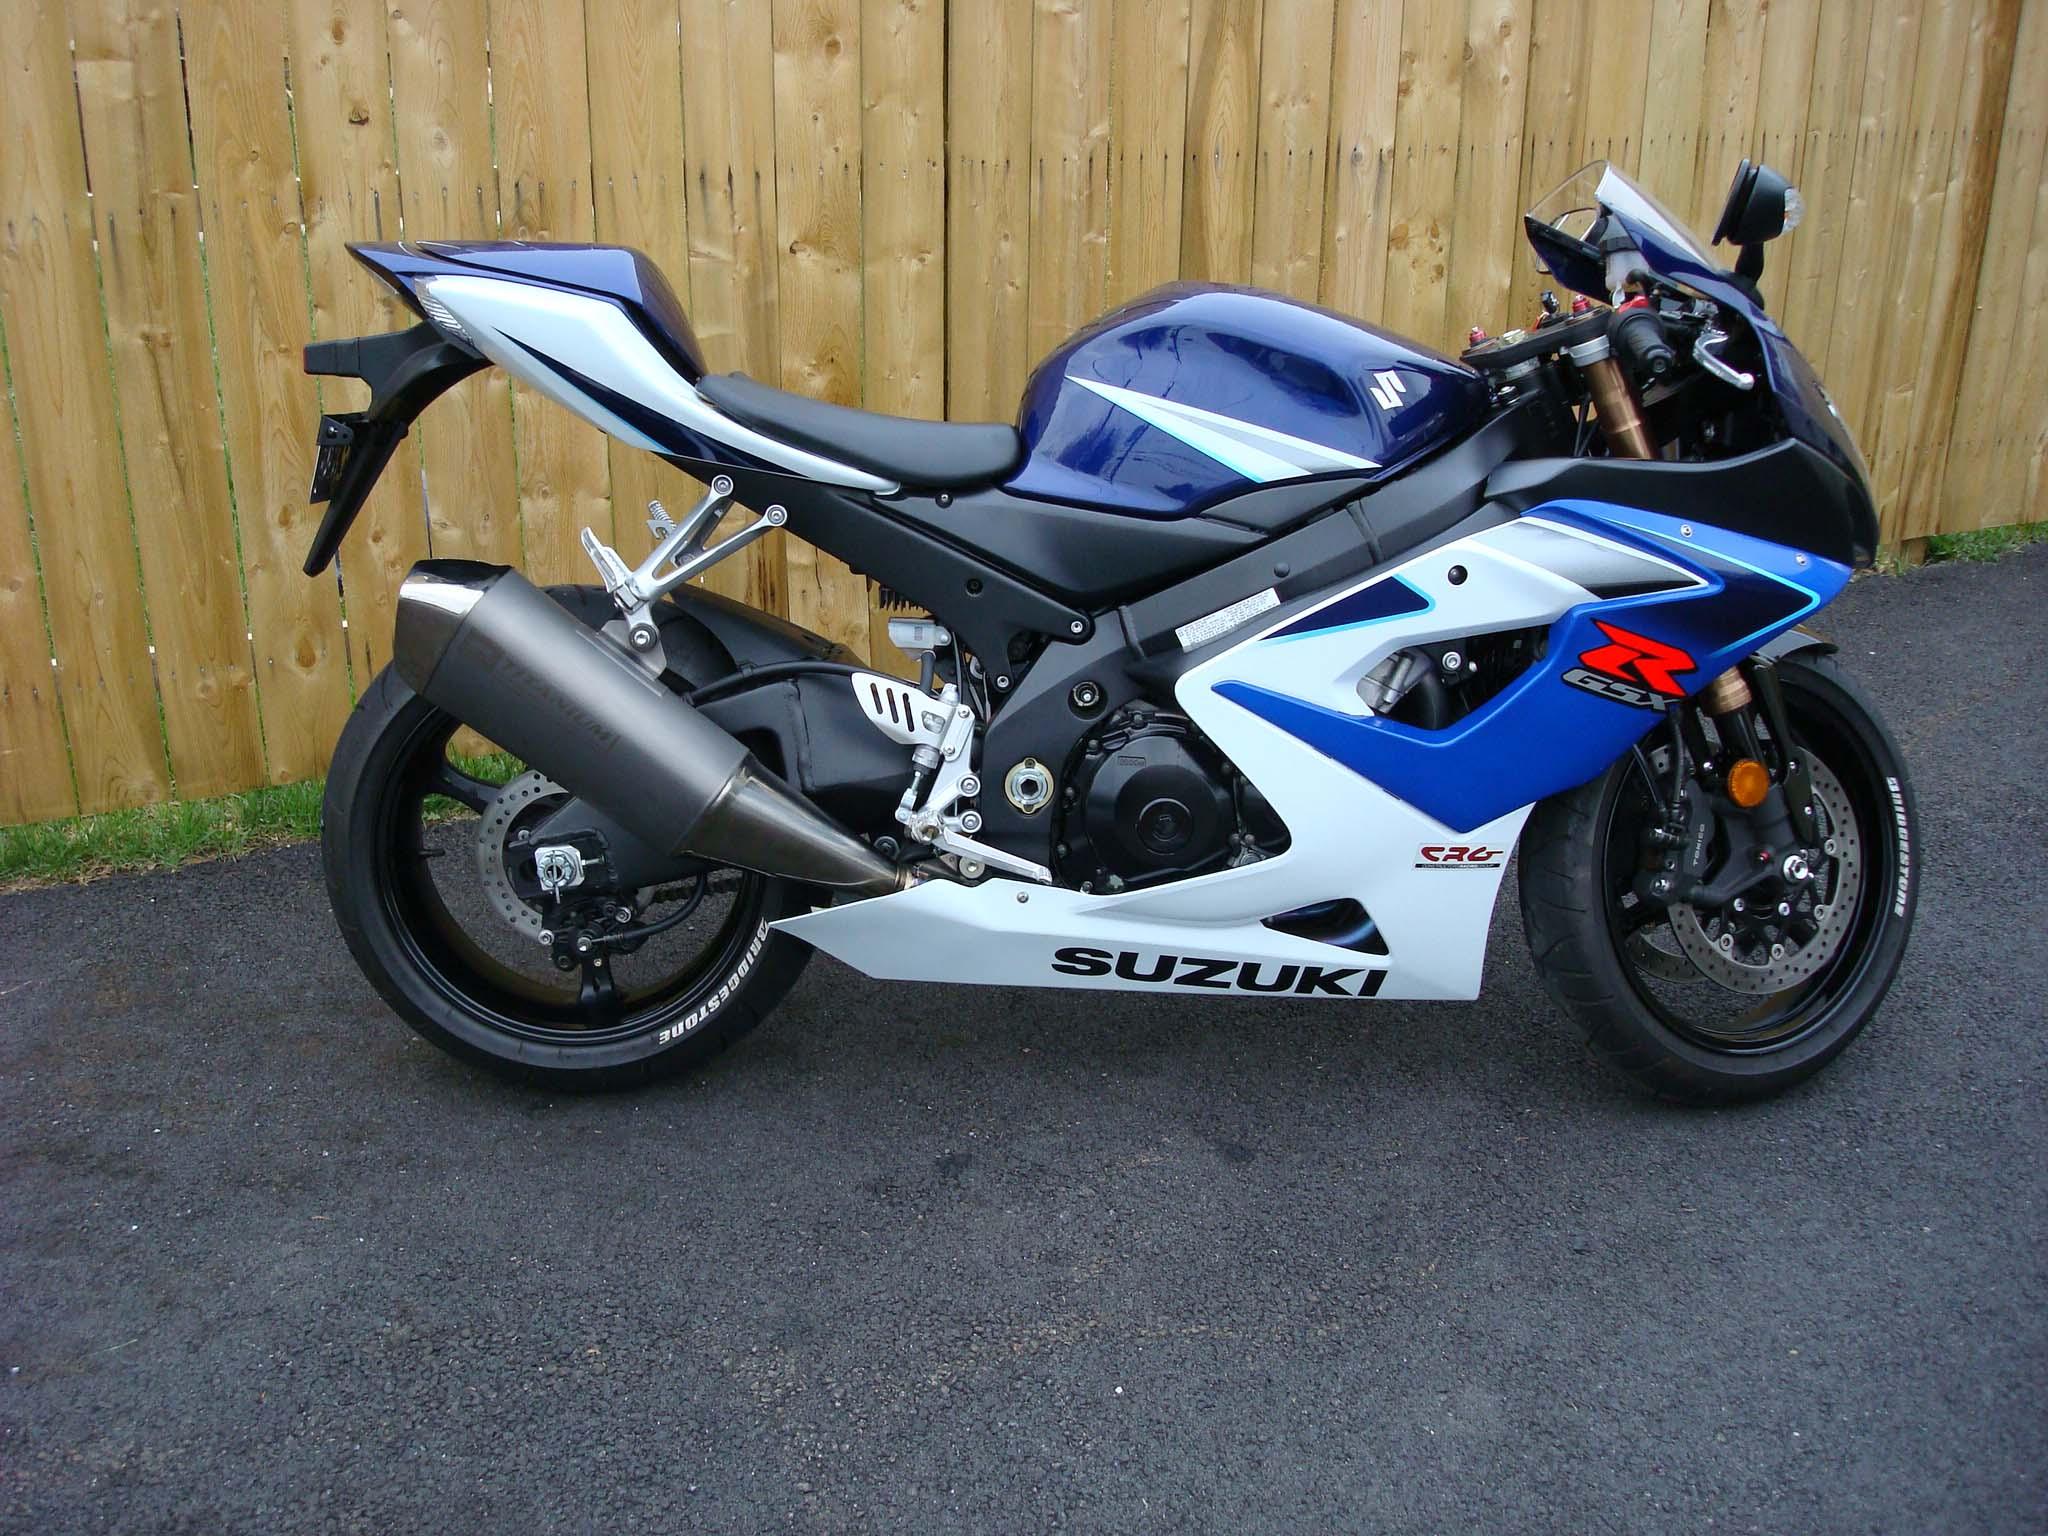 Old Suzuki Bikes For Sale